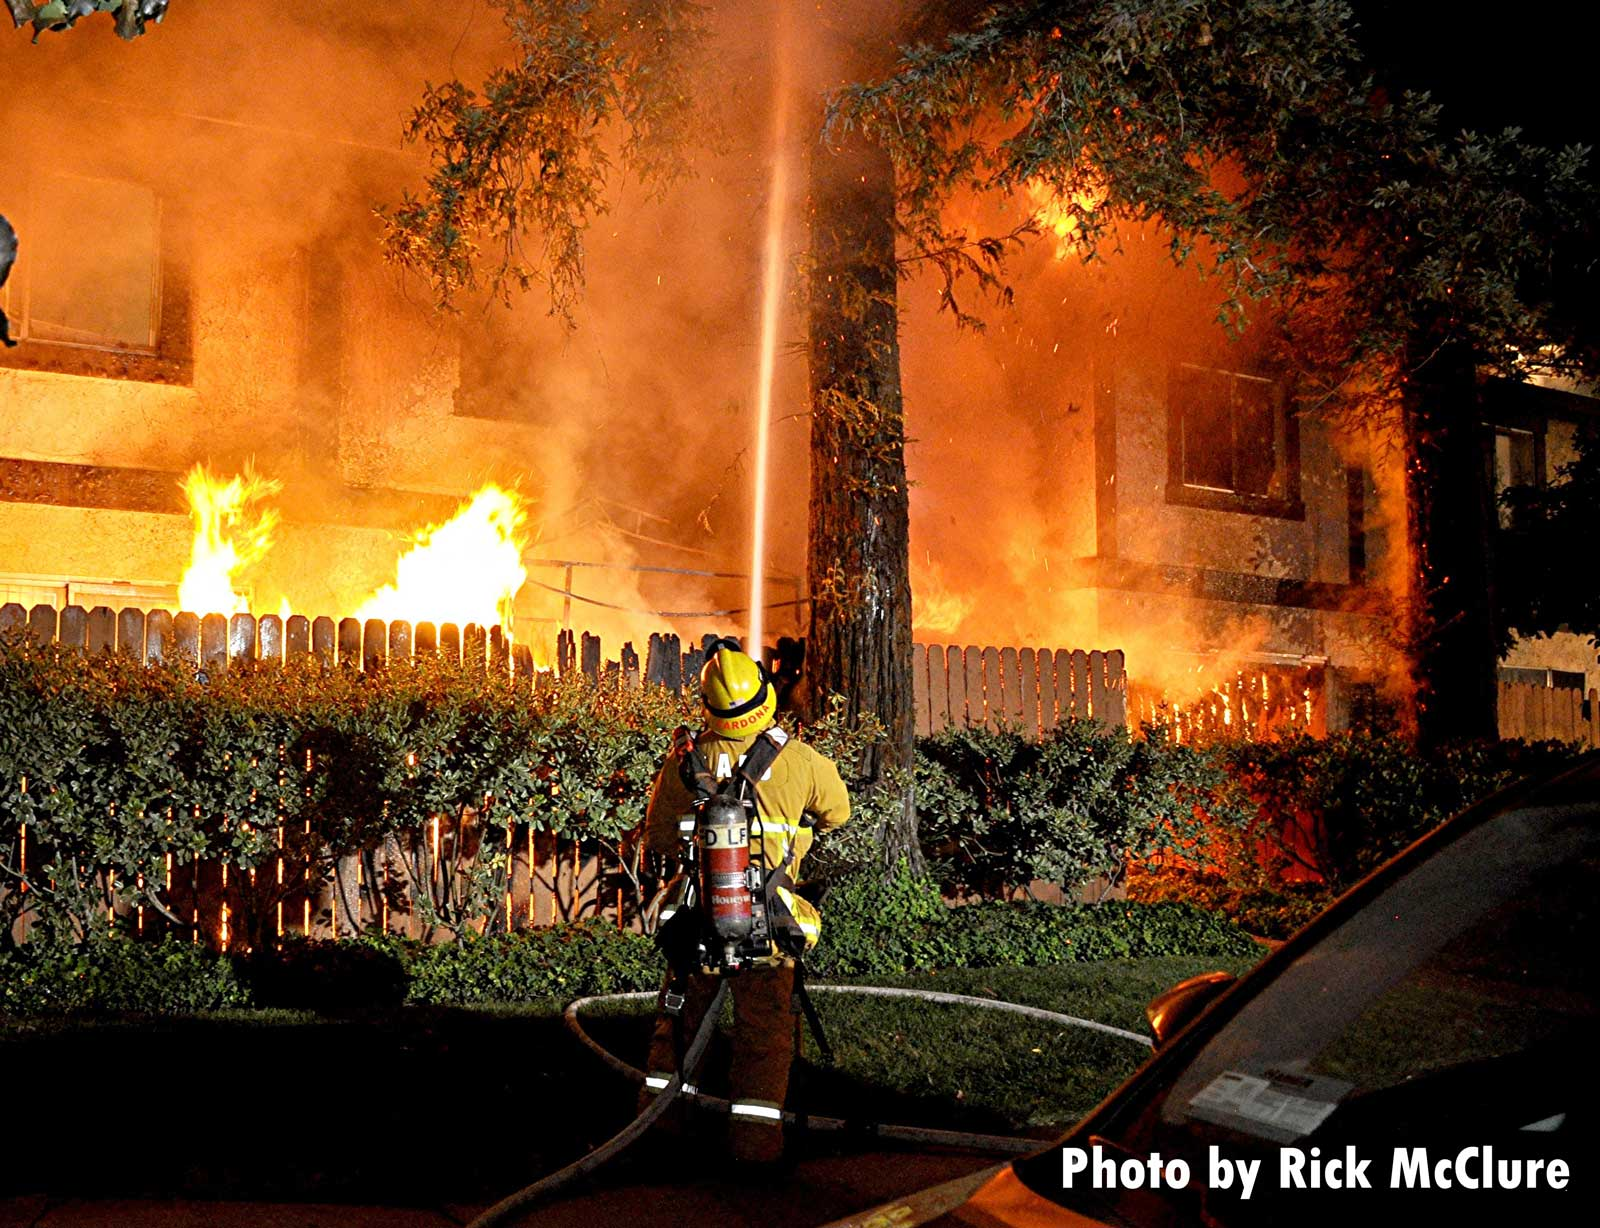 Firefighter applies an exterior hose stream